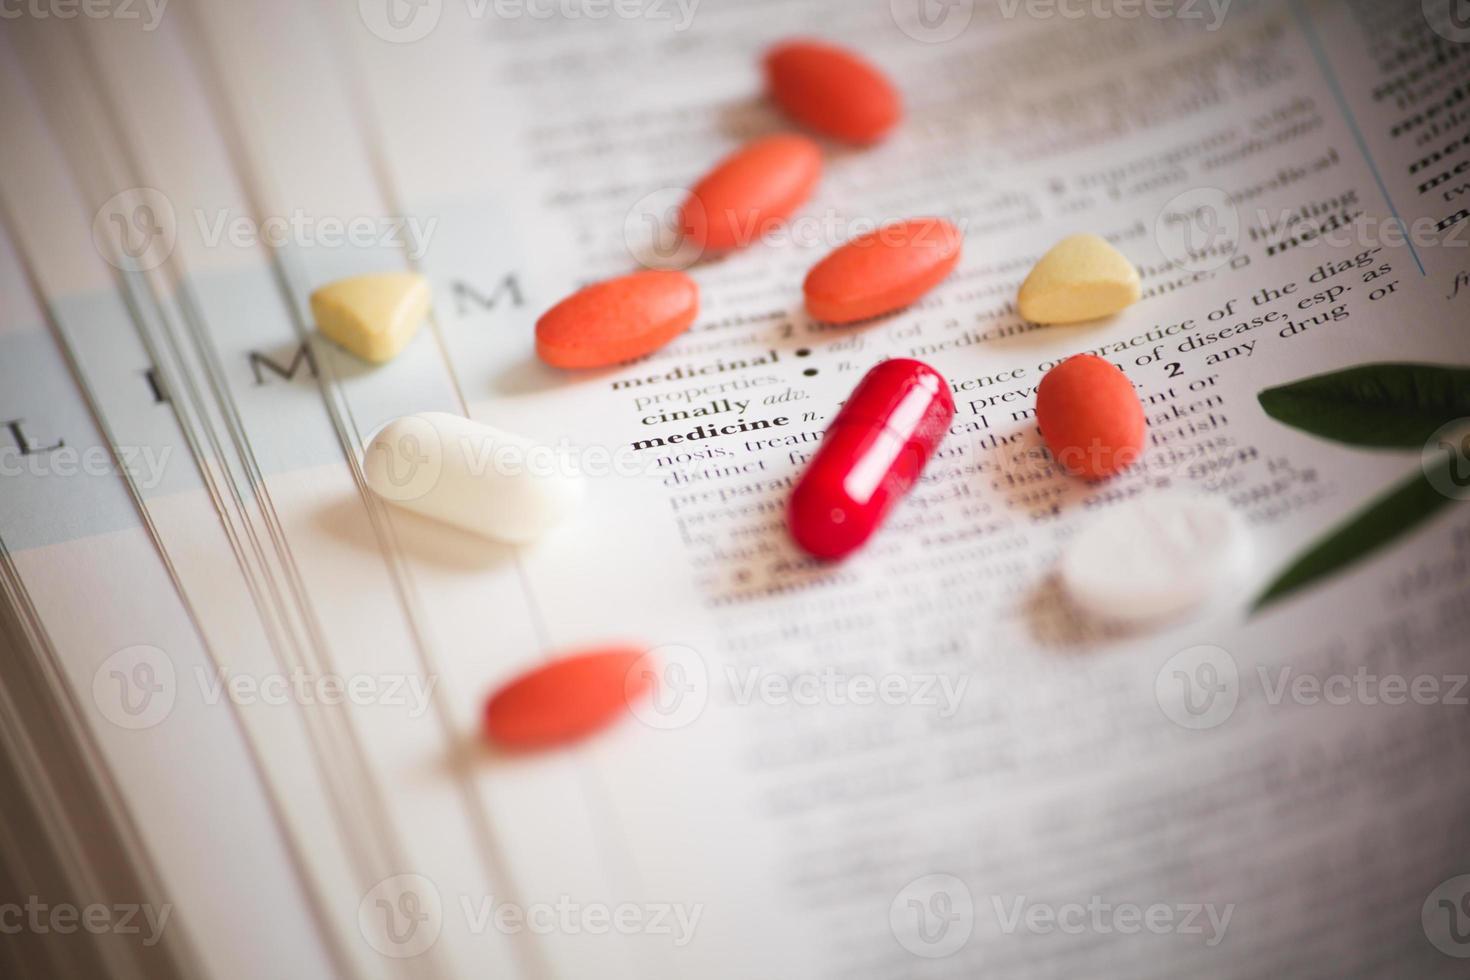 geneeskunde op boeken als medische achtergrond foto